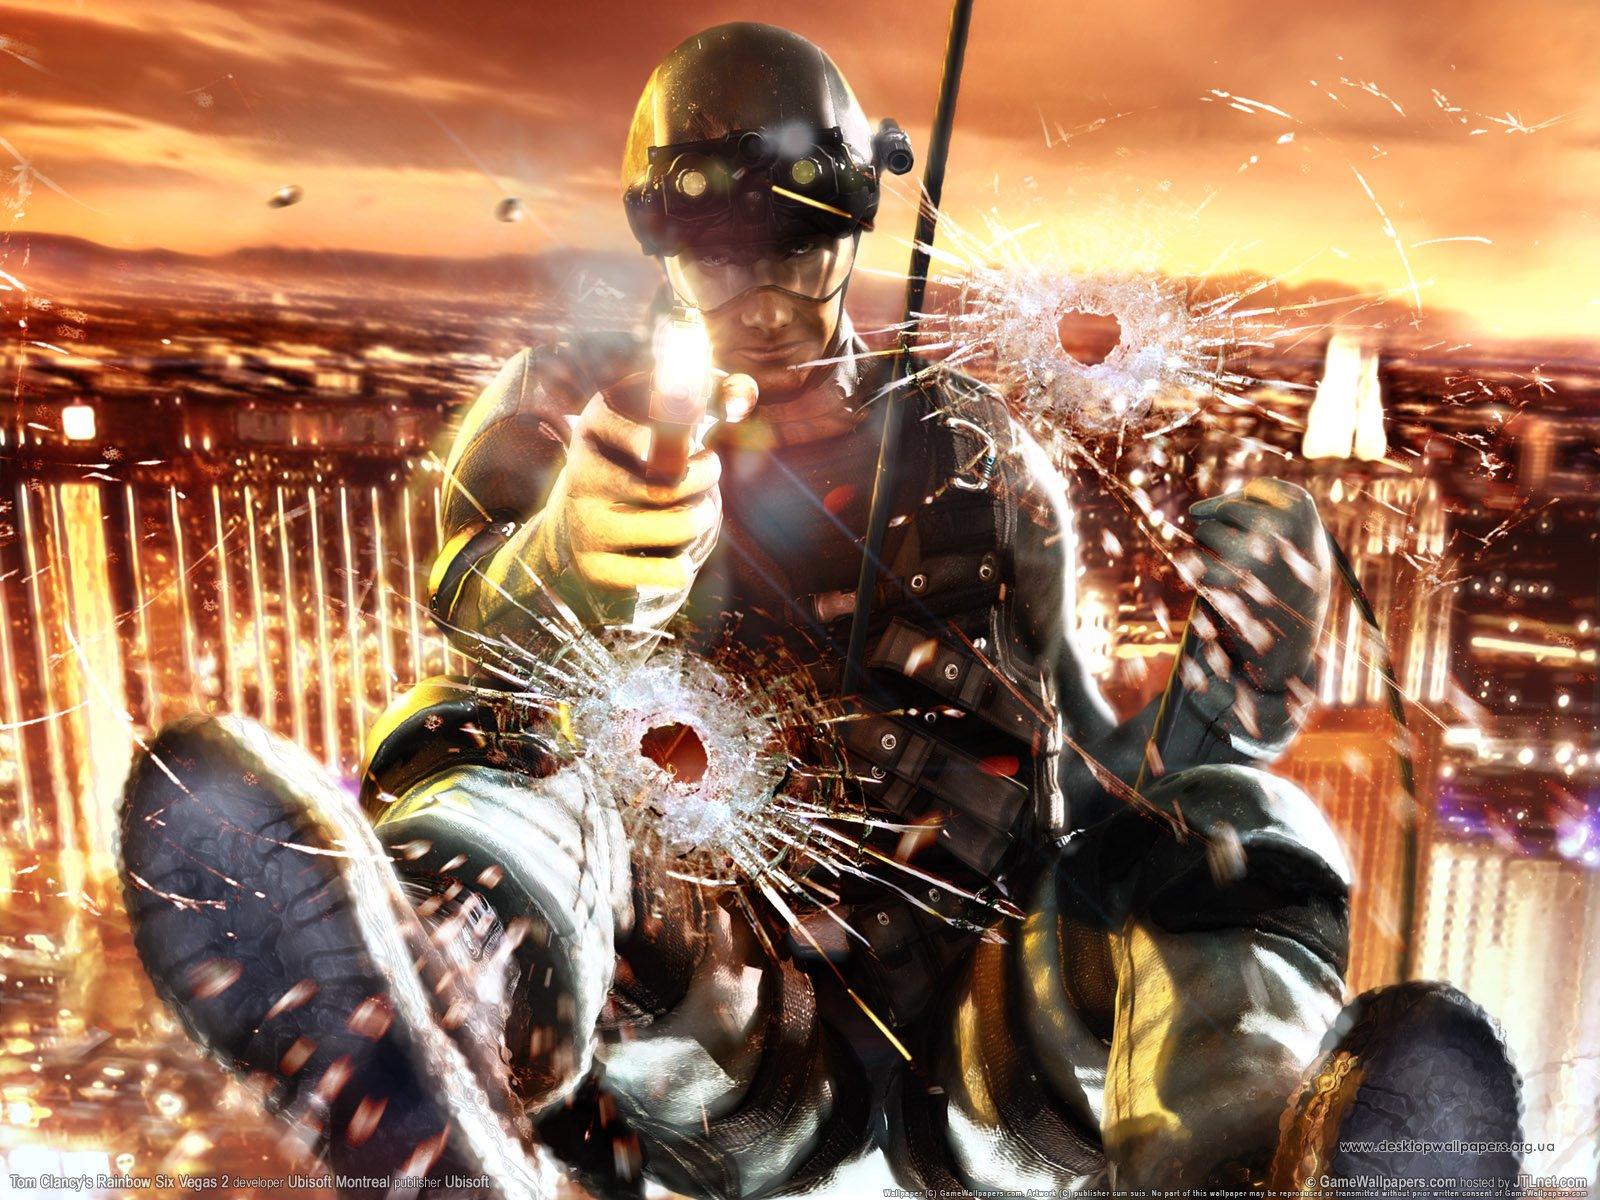 اللعبة الغنية عن التعريف لعبة Tom Clancy's Rainbow Six: Vegas 2 630846487_tom_clancys_rainbow_six_vegas_2_wallpapers_2